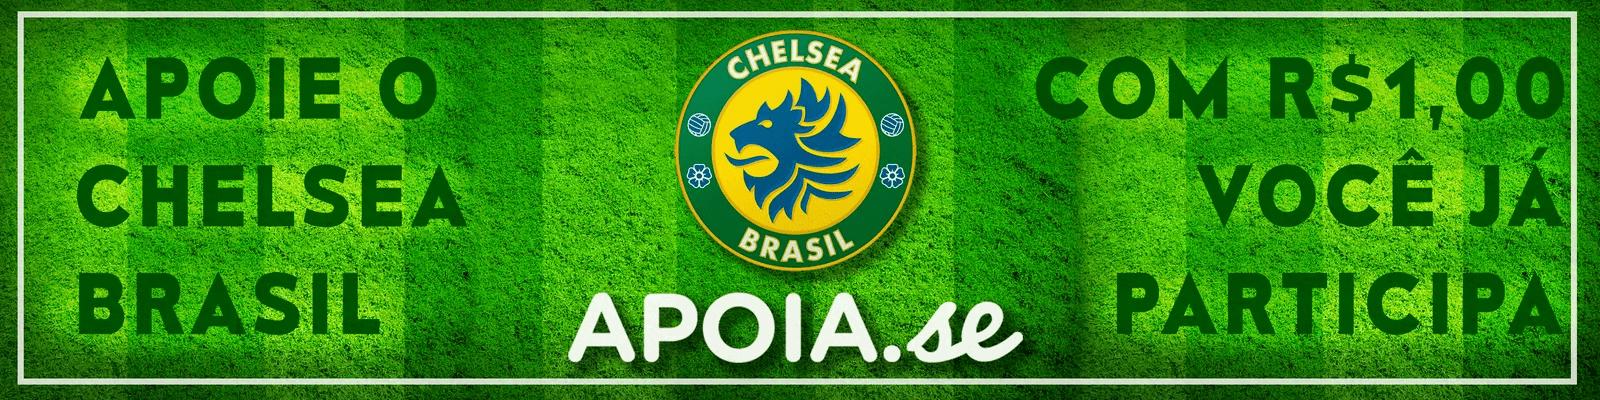 Apoie o Chelsea Brasil